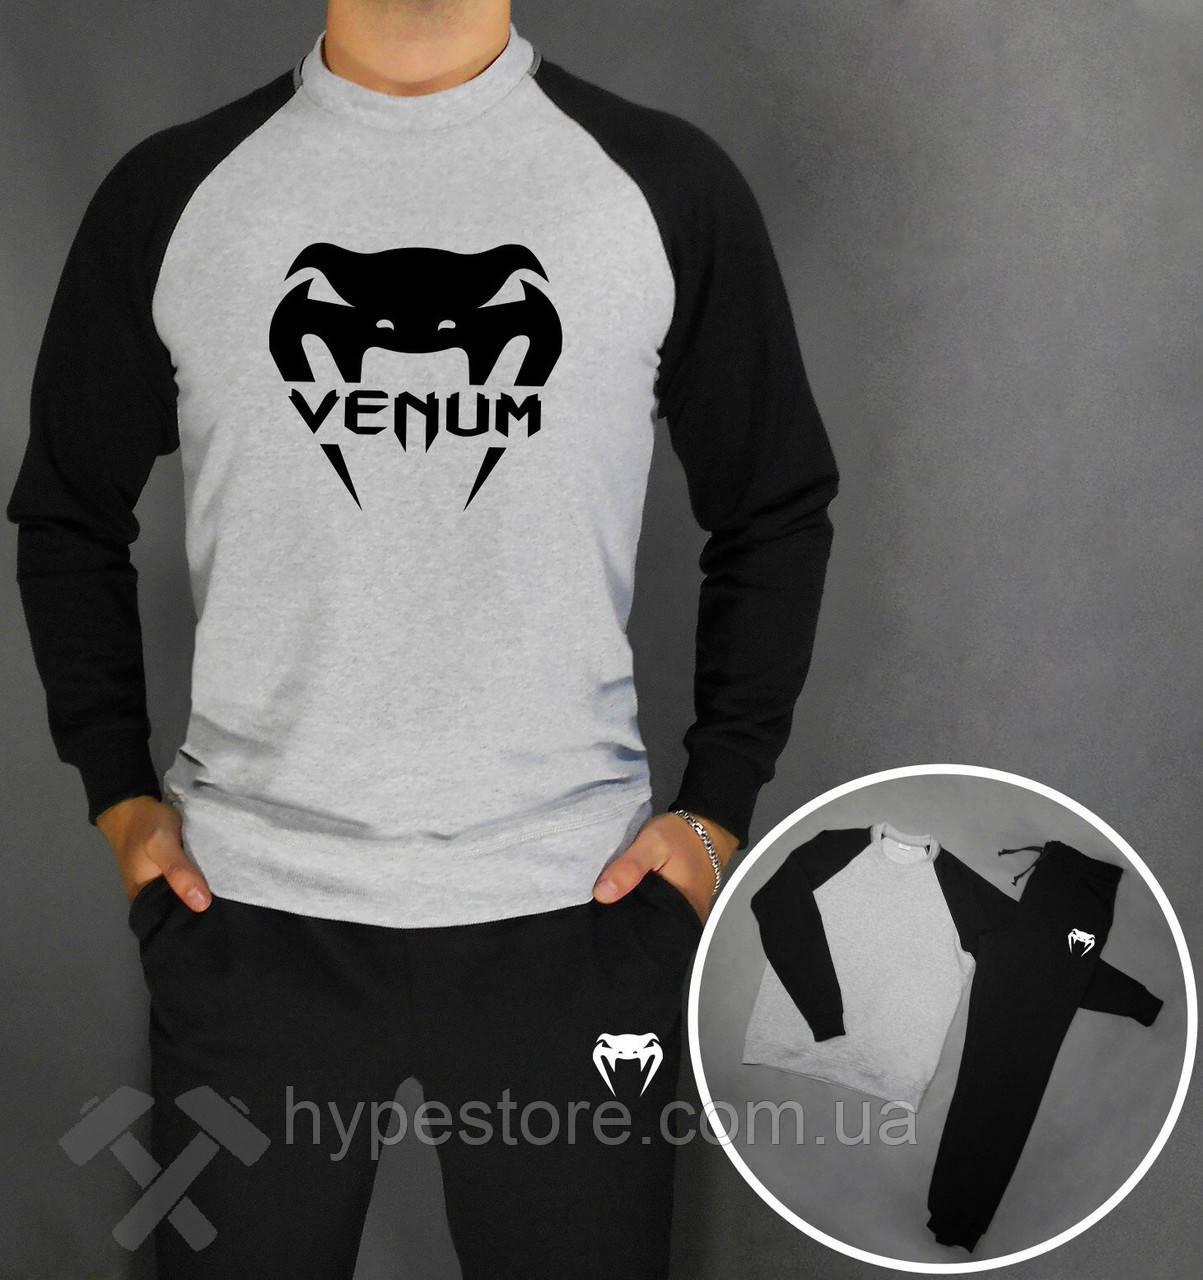 ff9e36810497 Спортивный Костюм, Реглан+штаны Venum с Черным Логотипом, Реплика — в  Категории